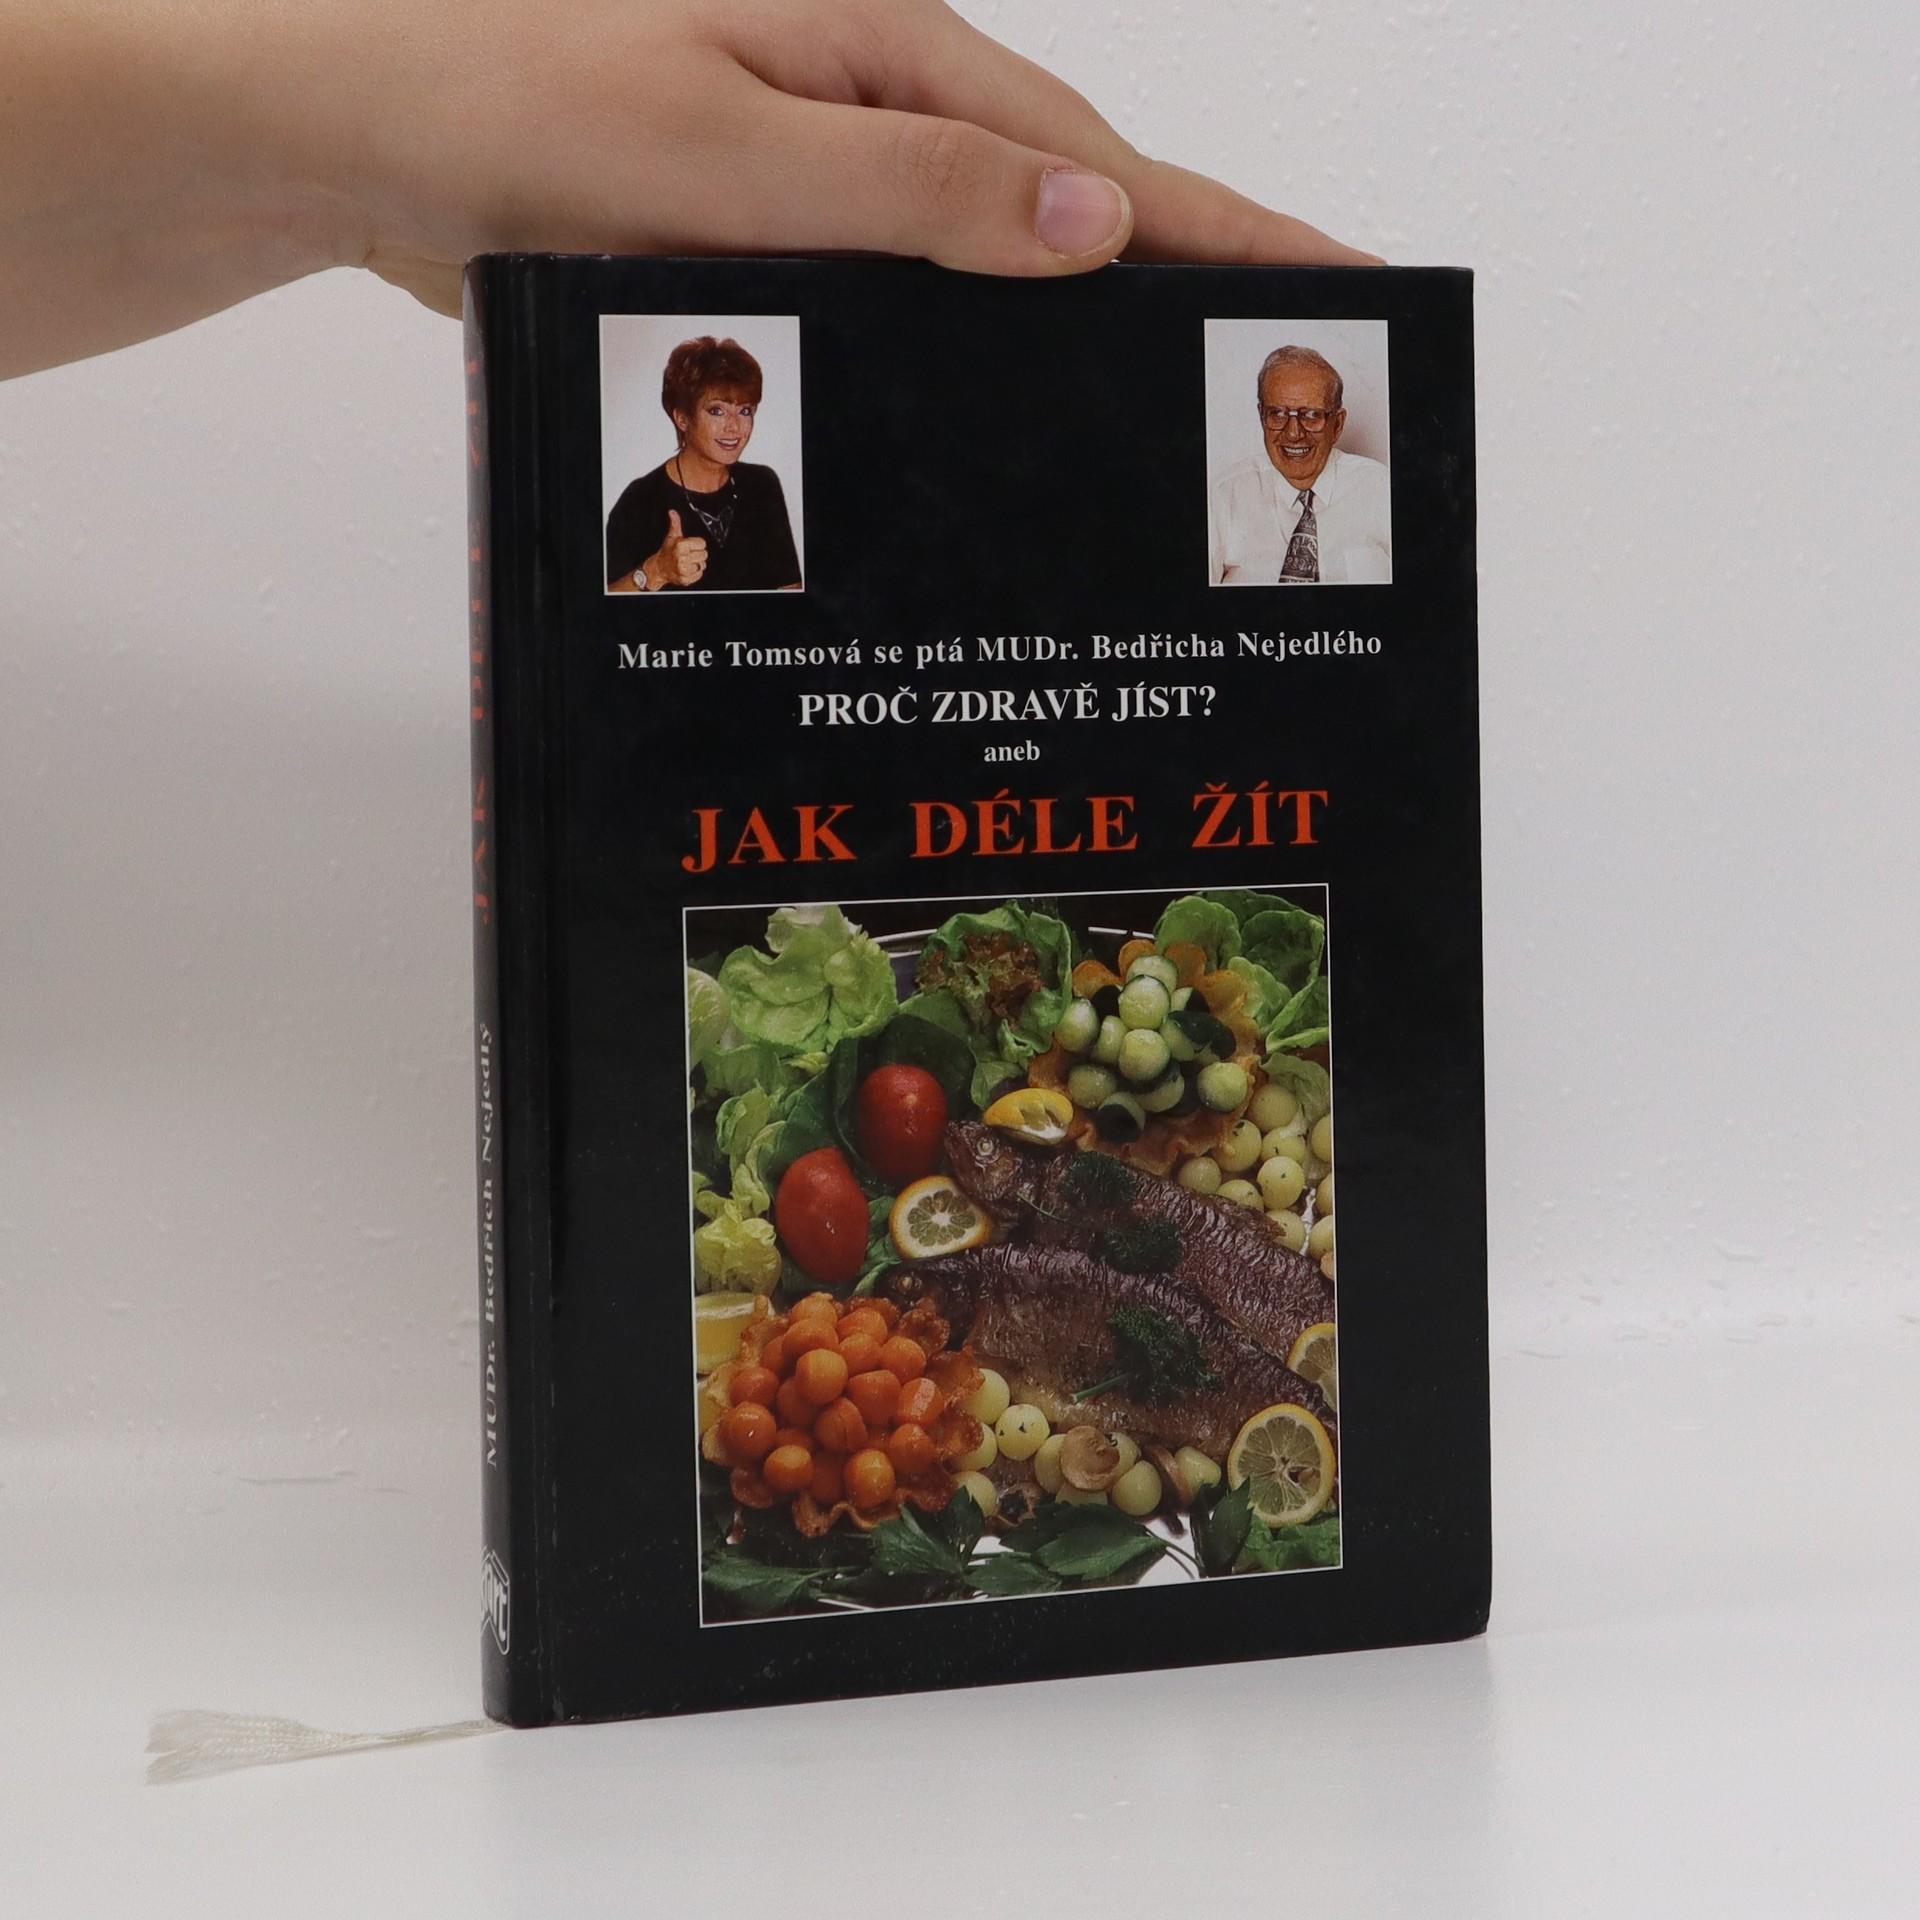 antikvární kniha Proč zdravě jíst?, aneb, Jak déle žít, 1997